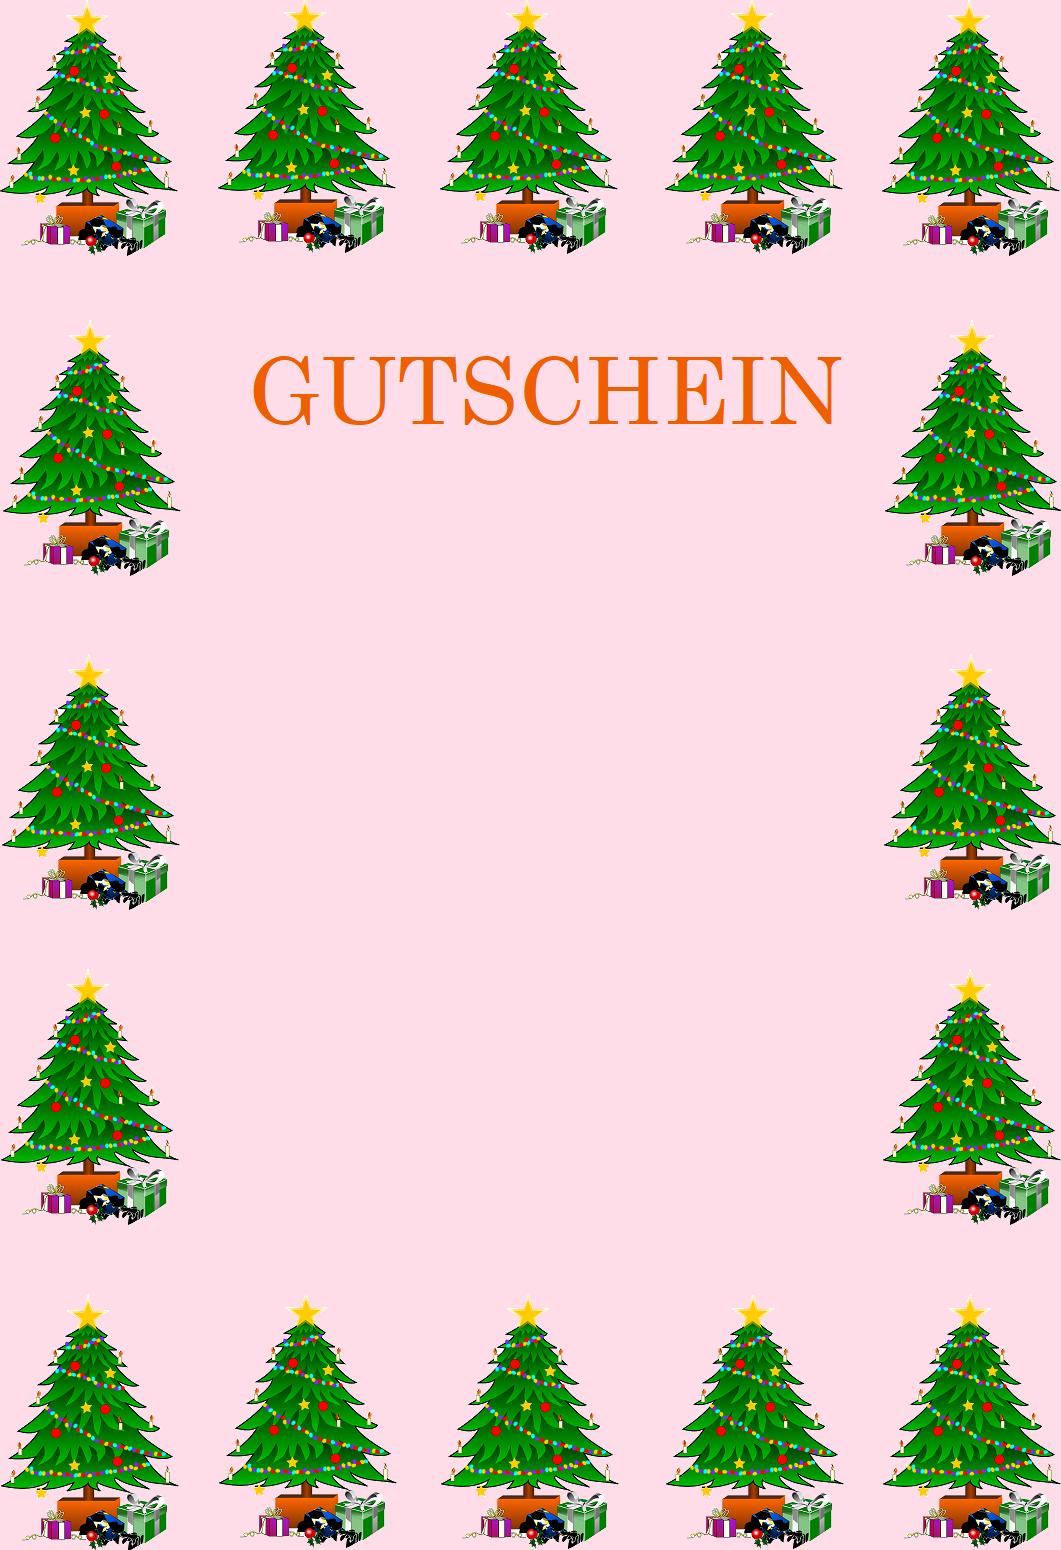 Gutscheinvorlagen Zu Weihnachten - Gutscheinspruch.de über Weihnachtsmotive Kostenlos Downloaden